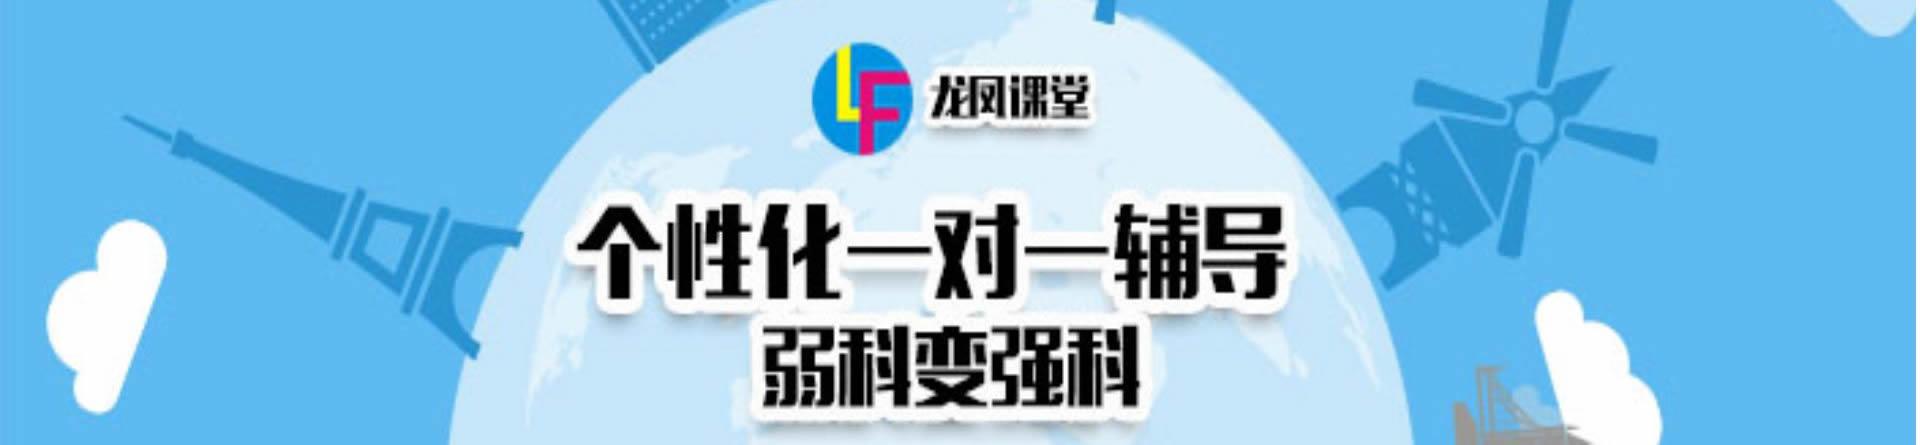 郑州龙凤课堂教育